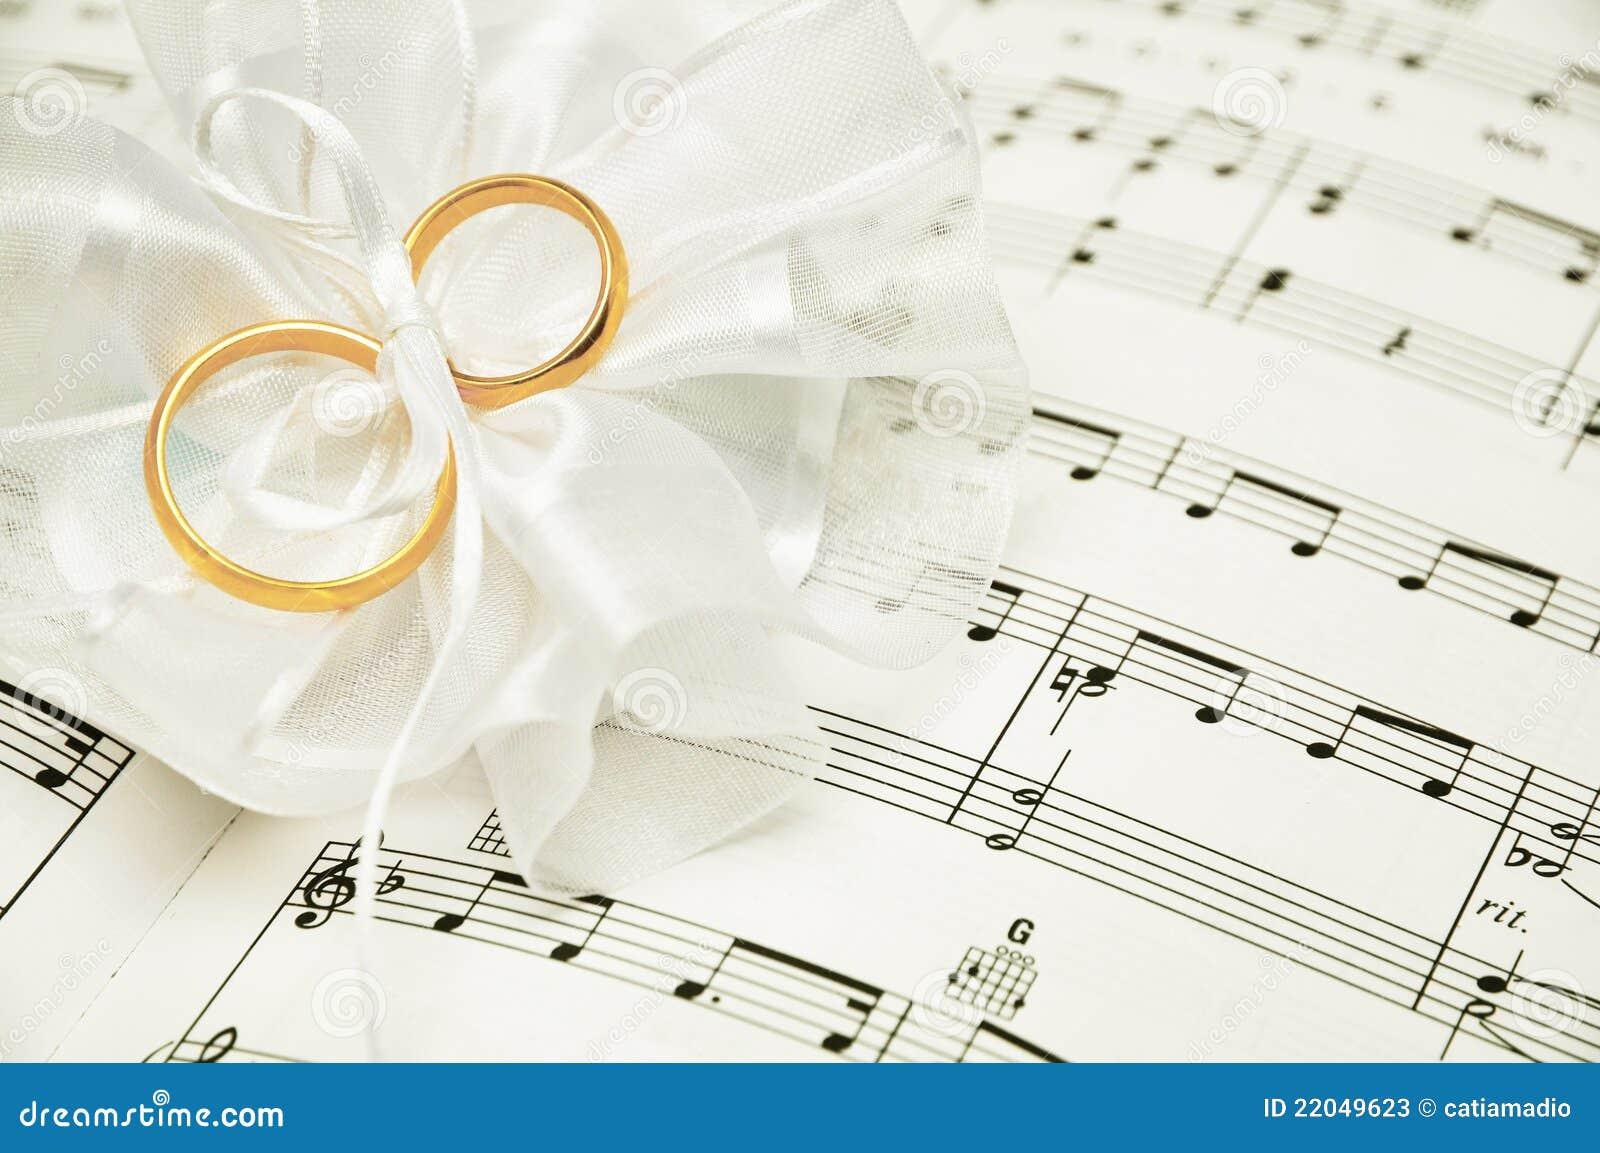 d76510c1b377 Musikbröllop fotografering för bildbyråer. Bild av kort - 22049623